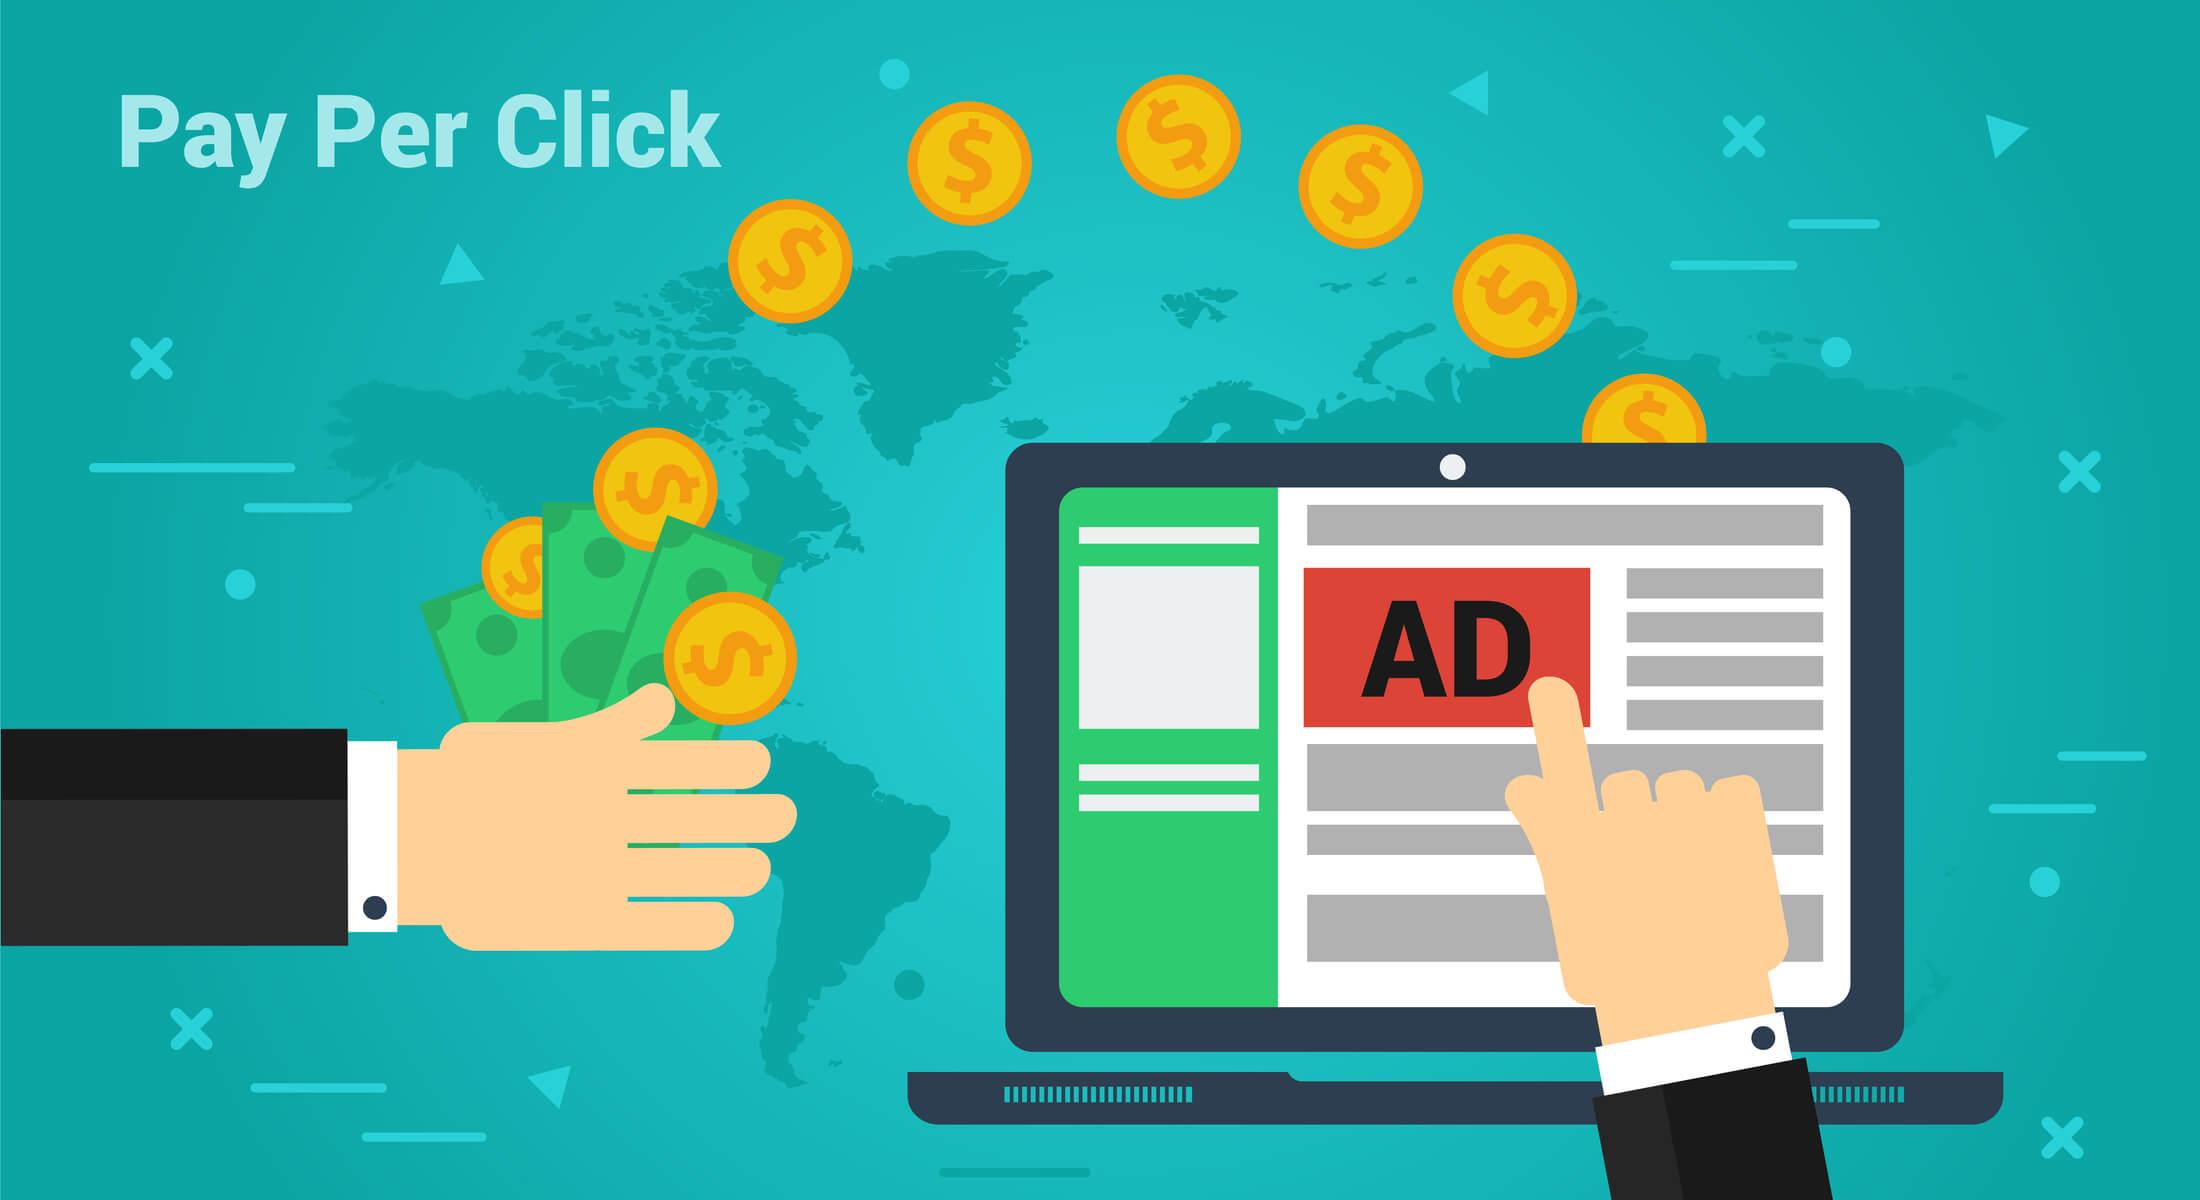 ilustração sobre pay per click no tráfego pago